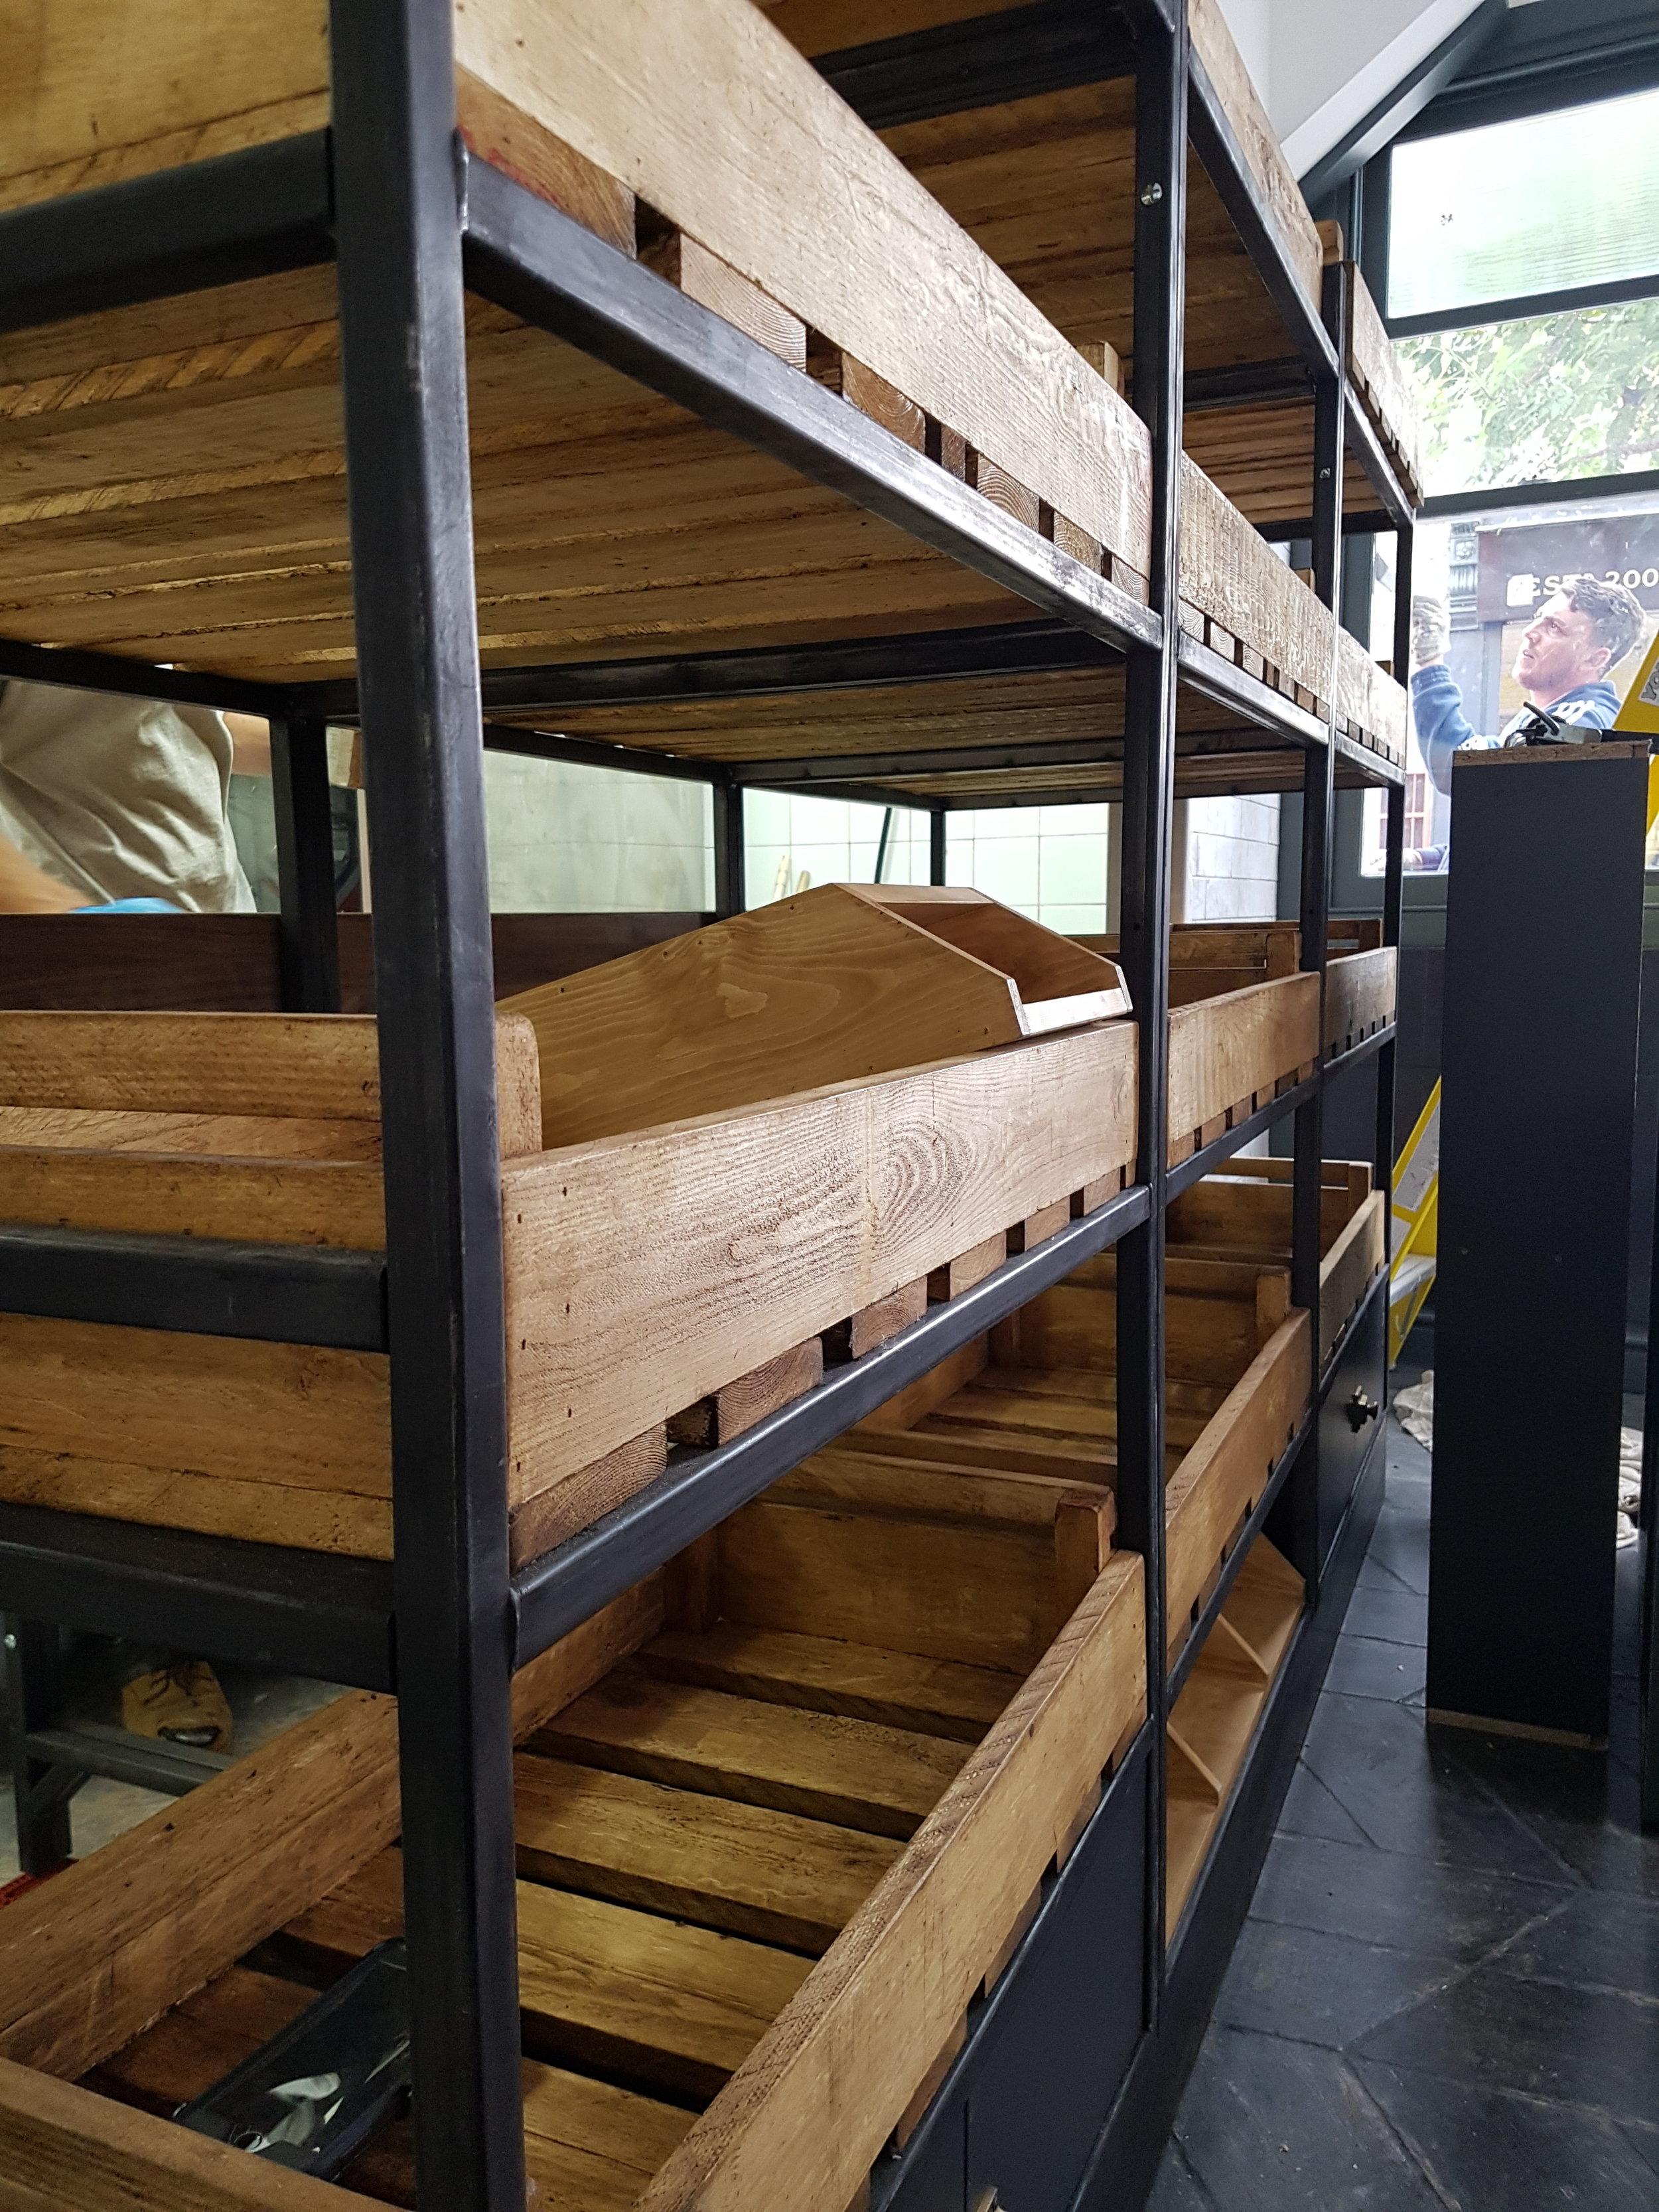 Rustic bakery shop rack.jpg